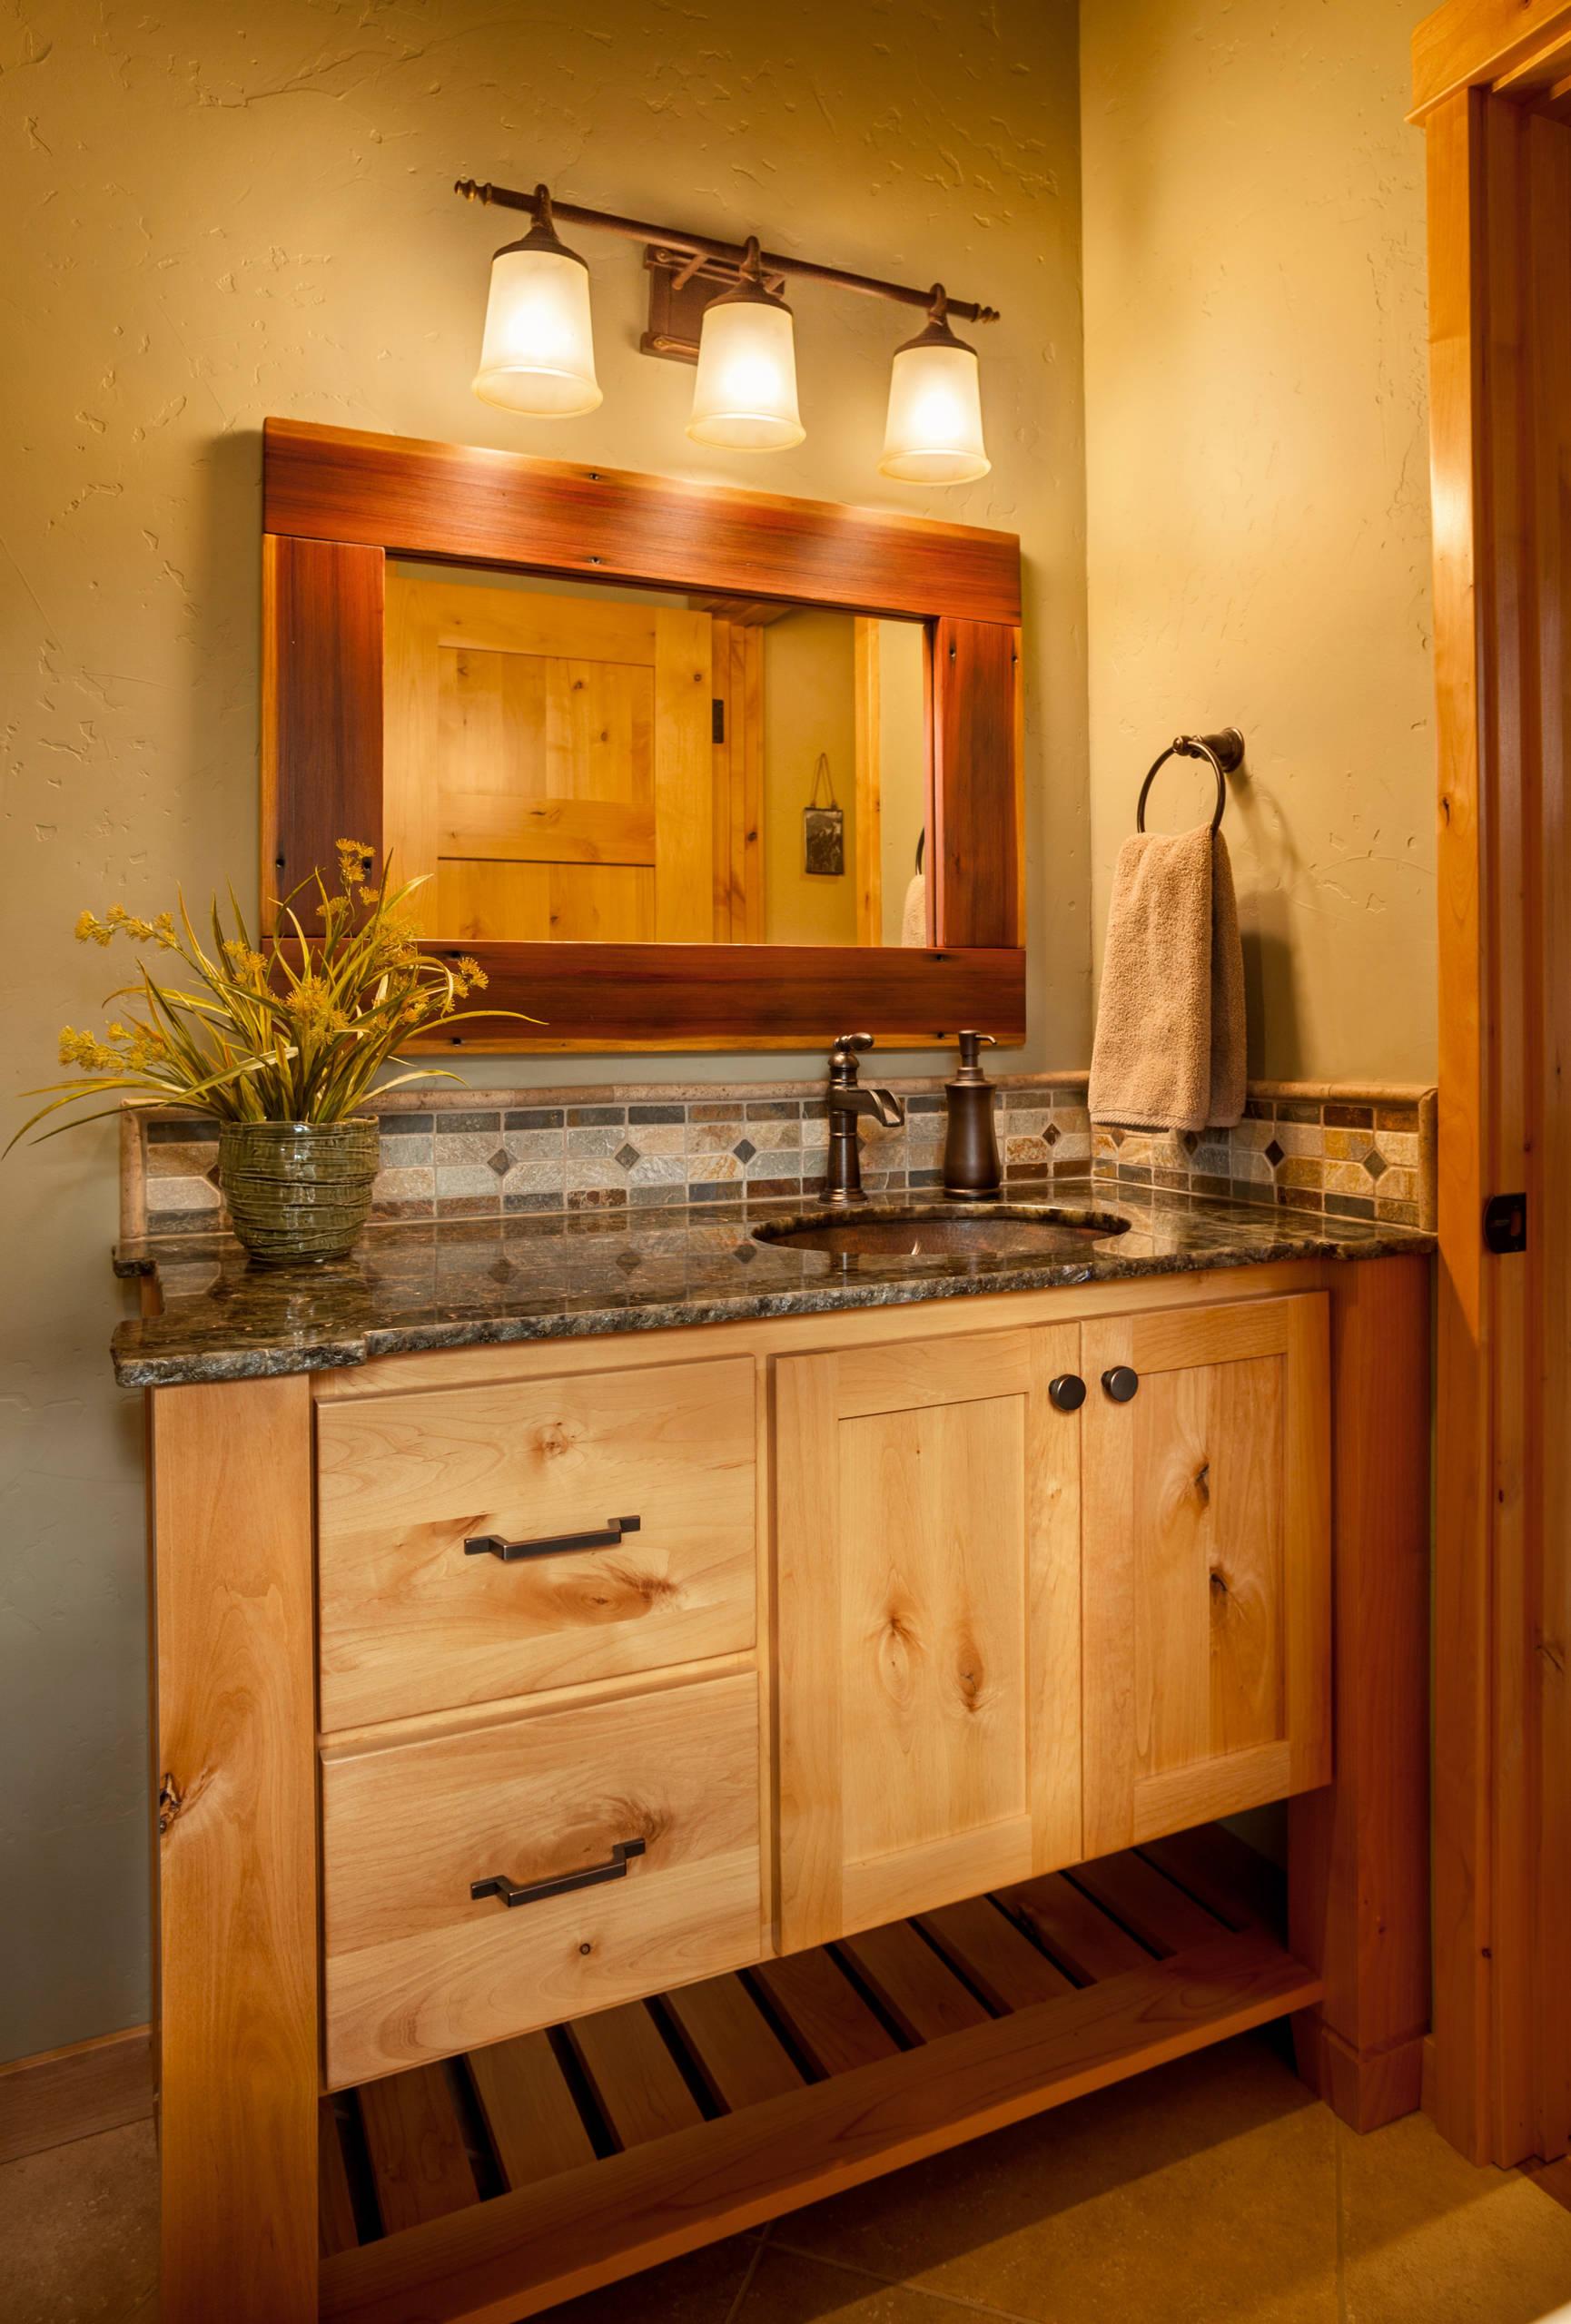 Rustic Interior Bath Design by Lori Brock